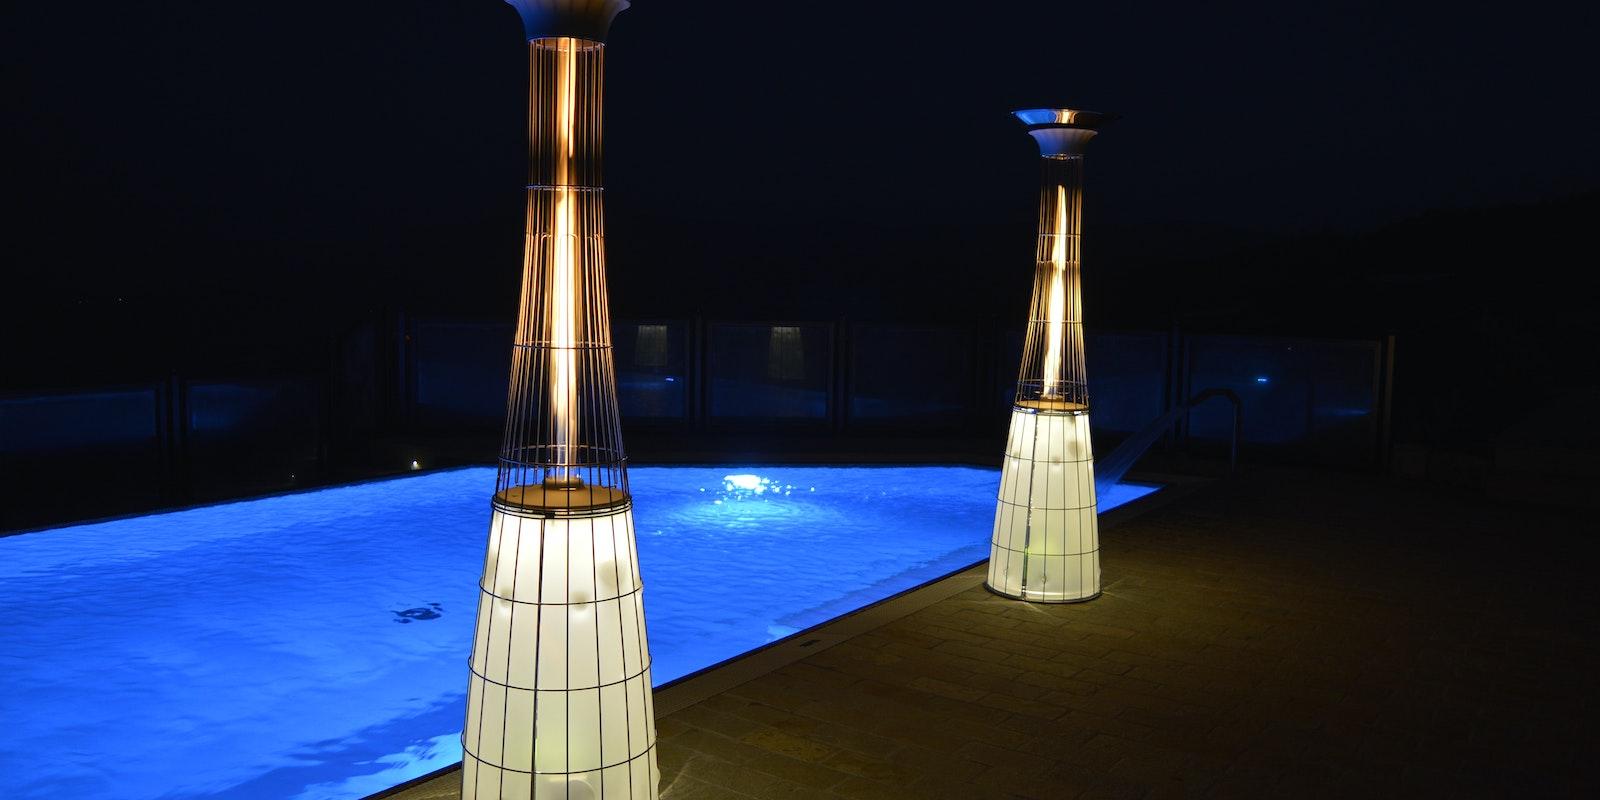 Progetto Noleggi noleggia, trasporta e installa riscaldatori a gas DolceVita LightFire in qualsiasi ambiente, anche a bordo piscina